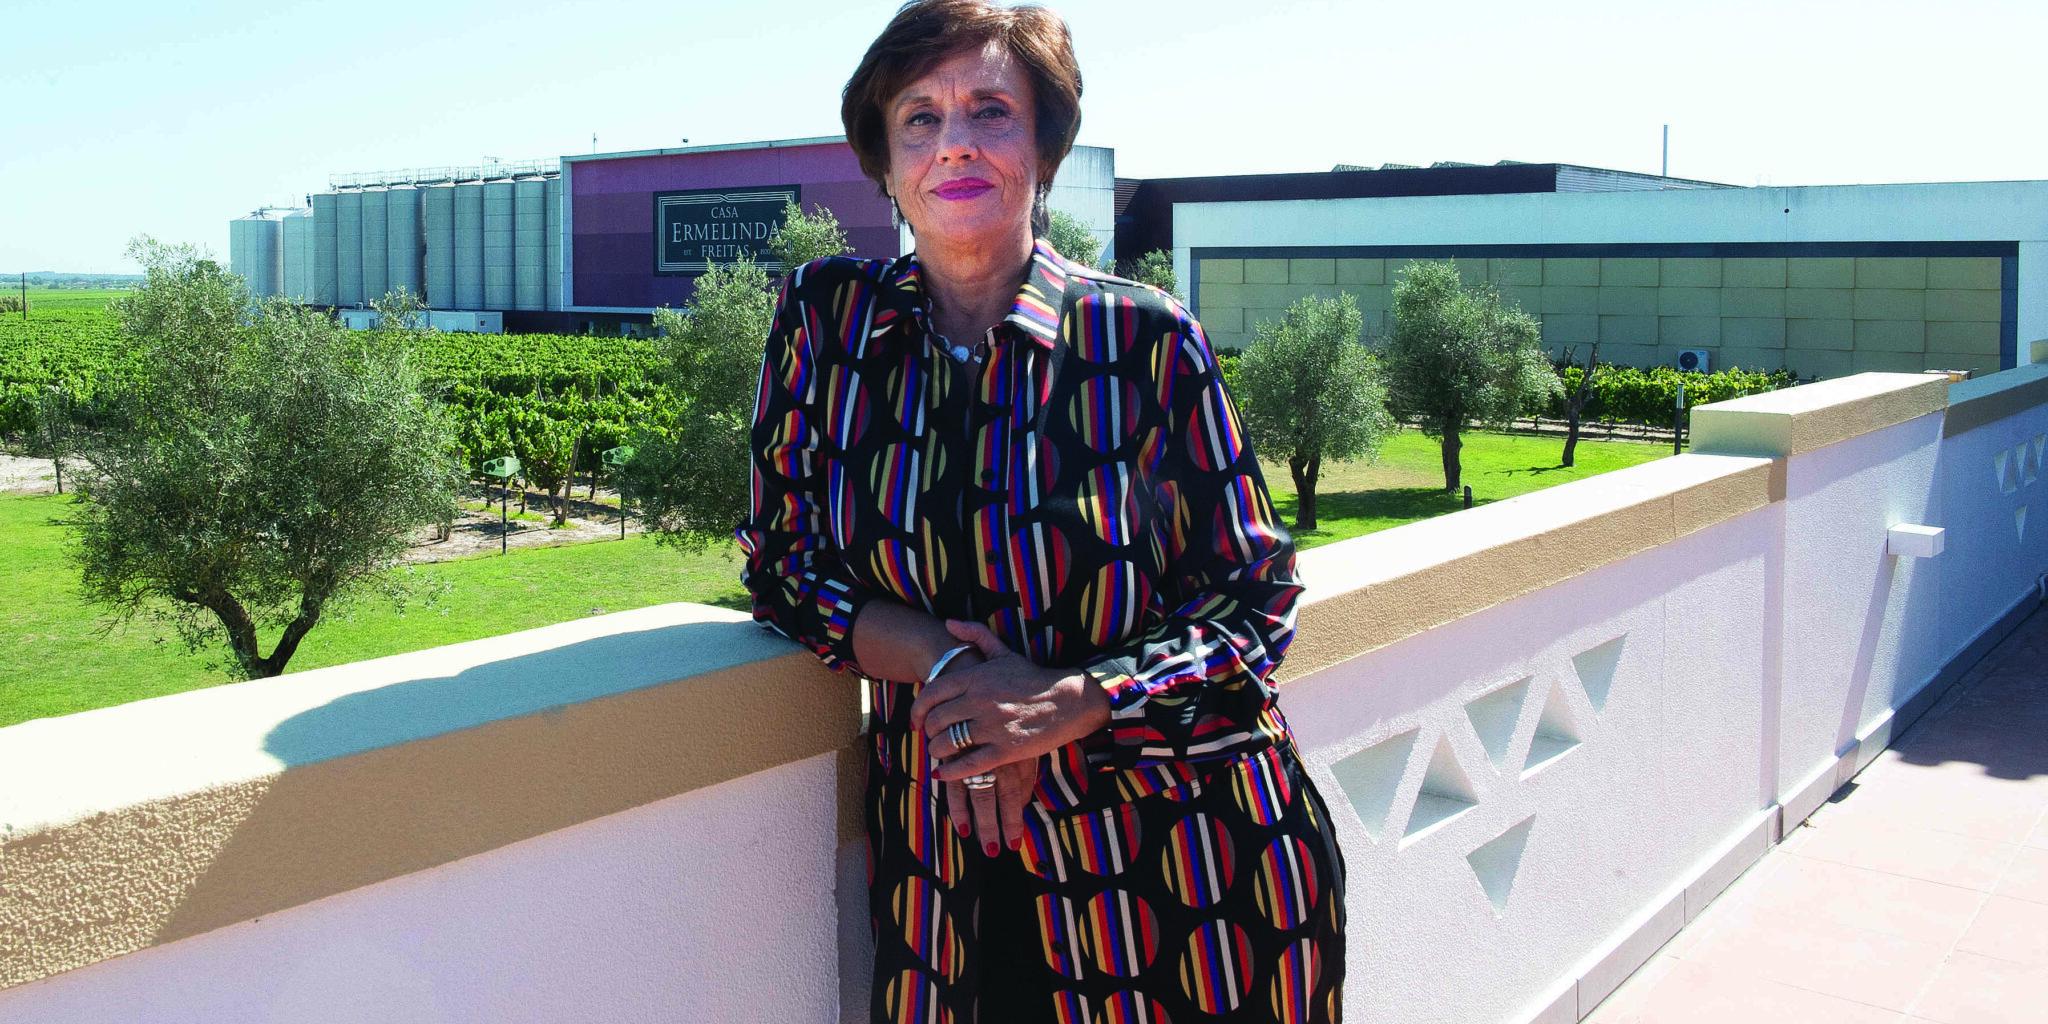 Casa Ermelinda Freitas: tradição e competitividade